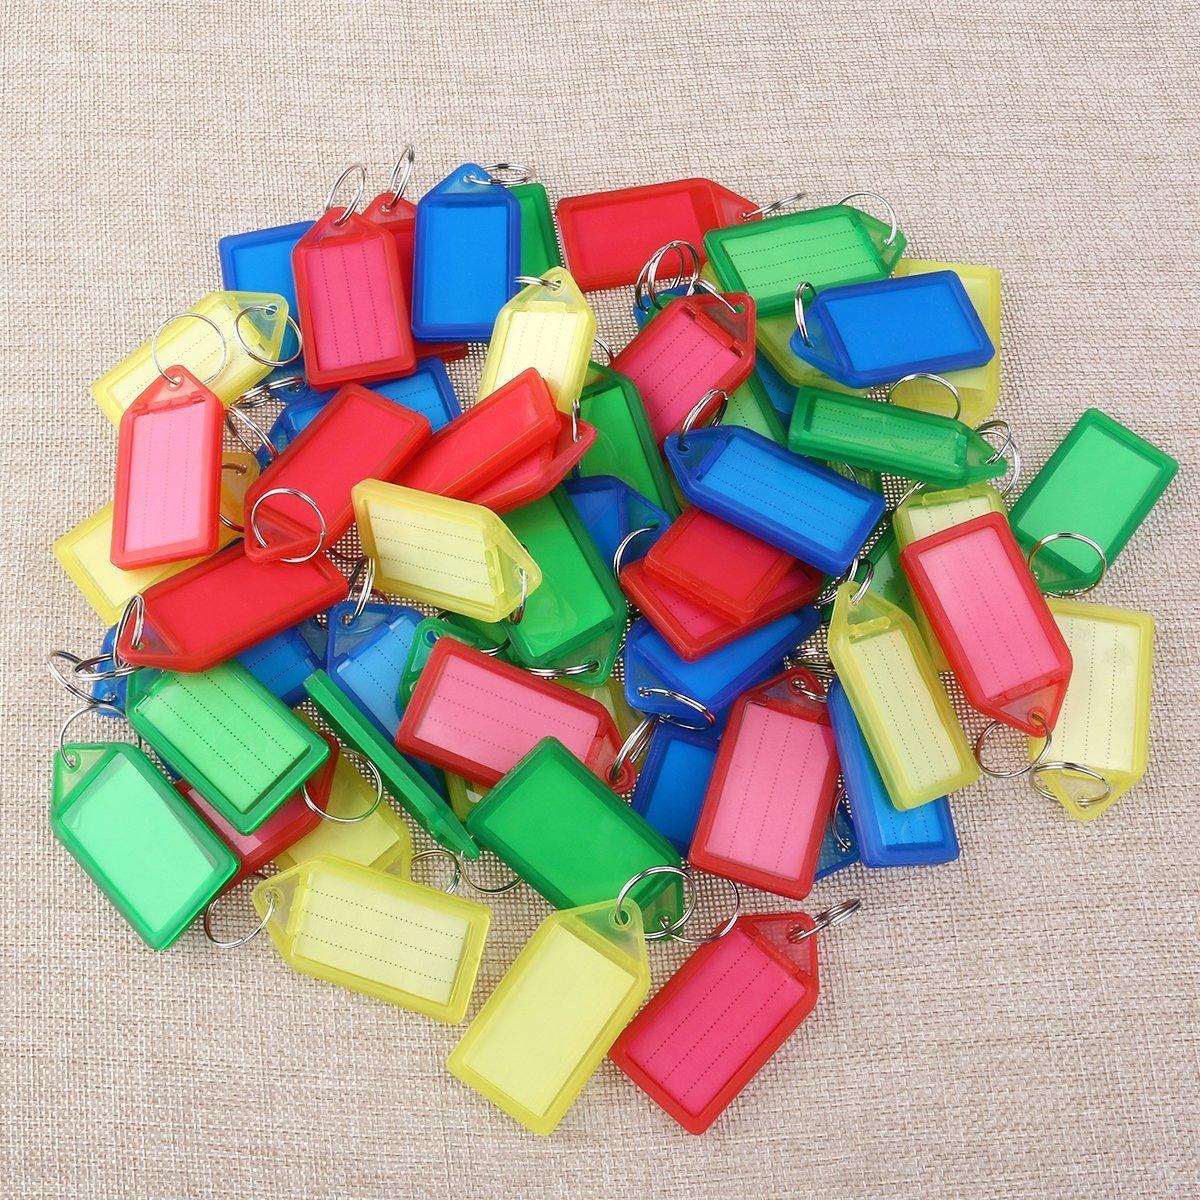 colore casuale ZYCX123 60Pcs-resistente in plastica Key Tag Tag Portachiavi Portachiavi Tag ID tag etichetta con Window Split Ring Label